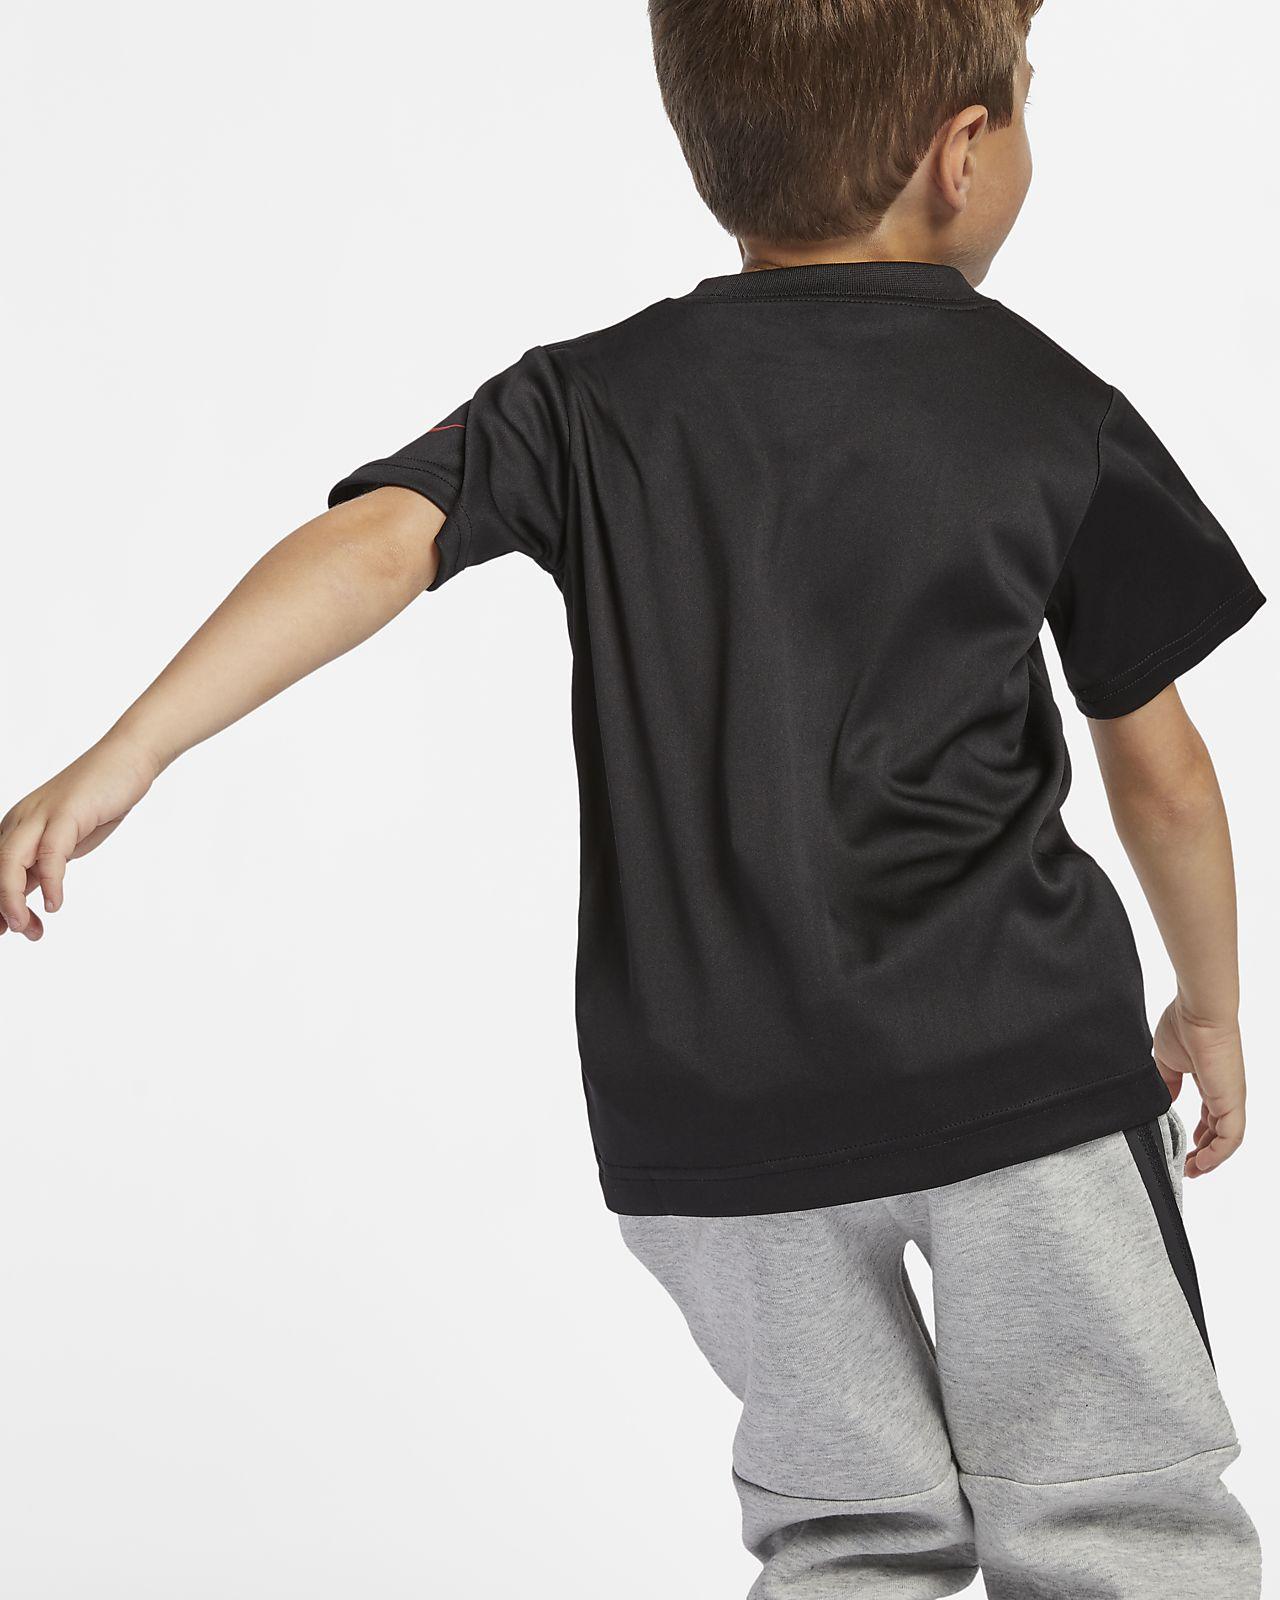 b4e48f46d Nike Dri-FIT Little Kids' T-Shirt. Nike.com